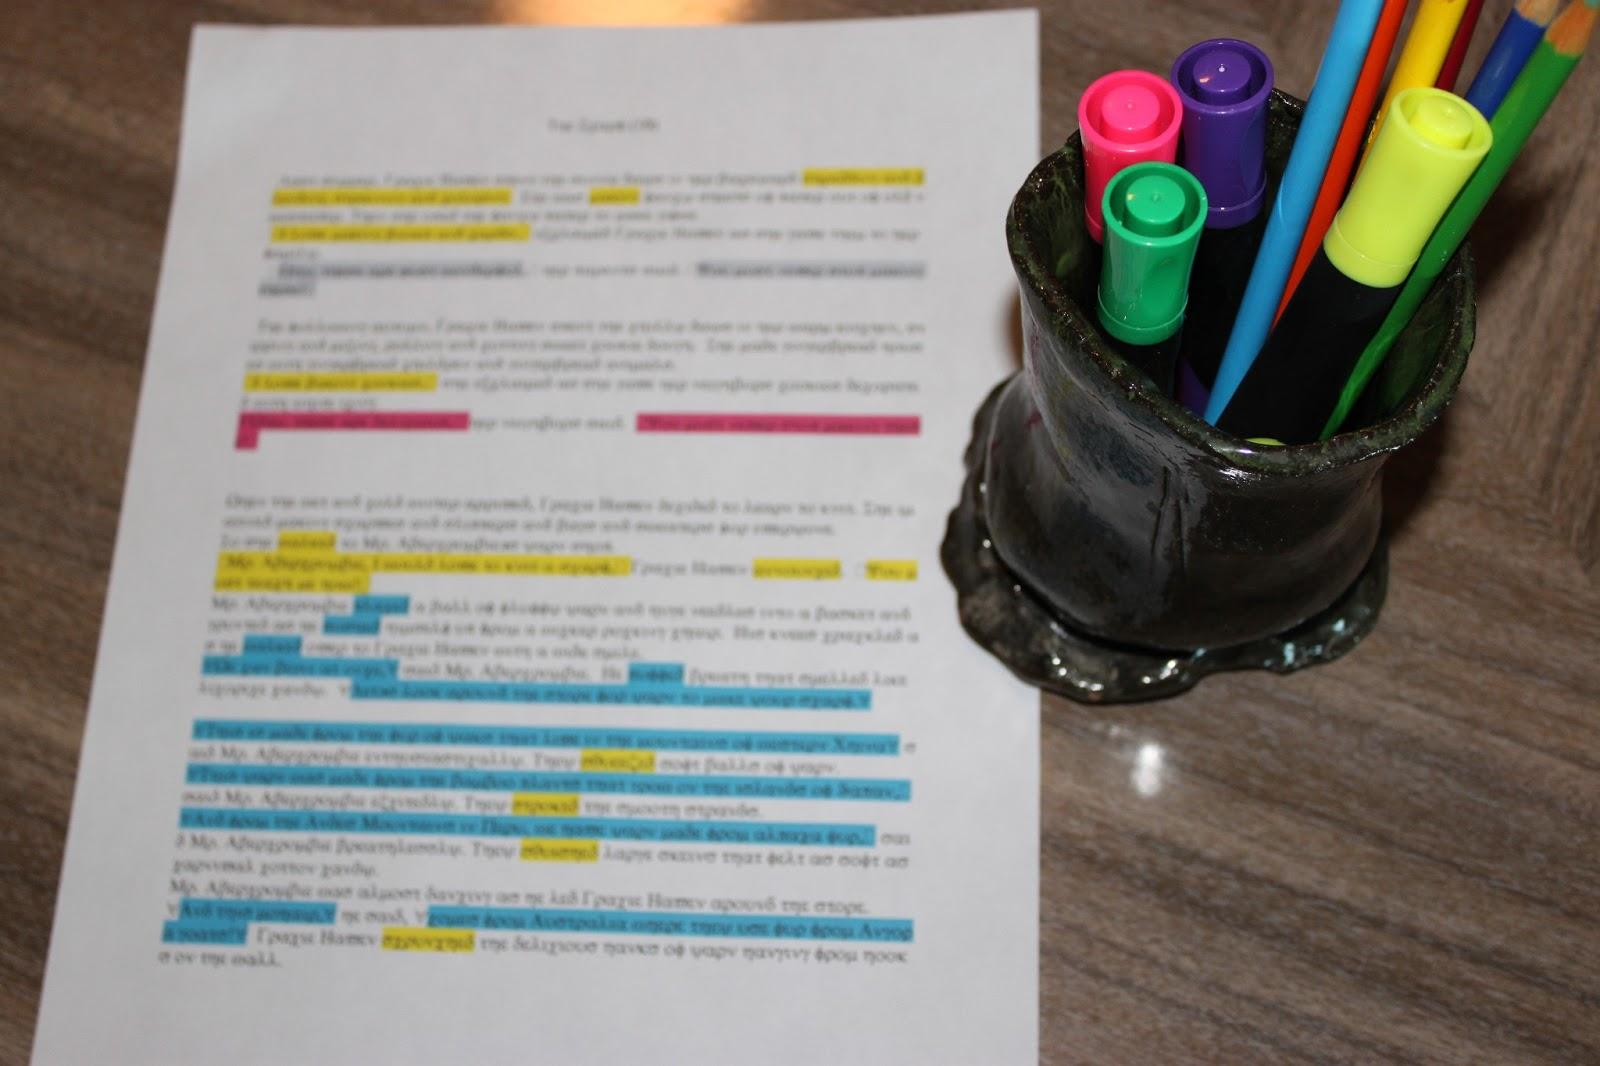 010 Essay Revisor Charconsistcheck02 Jpg Magnificent Sas Full